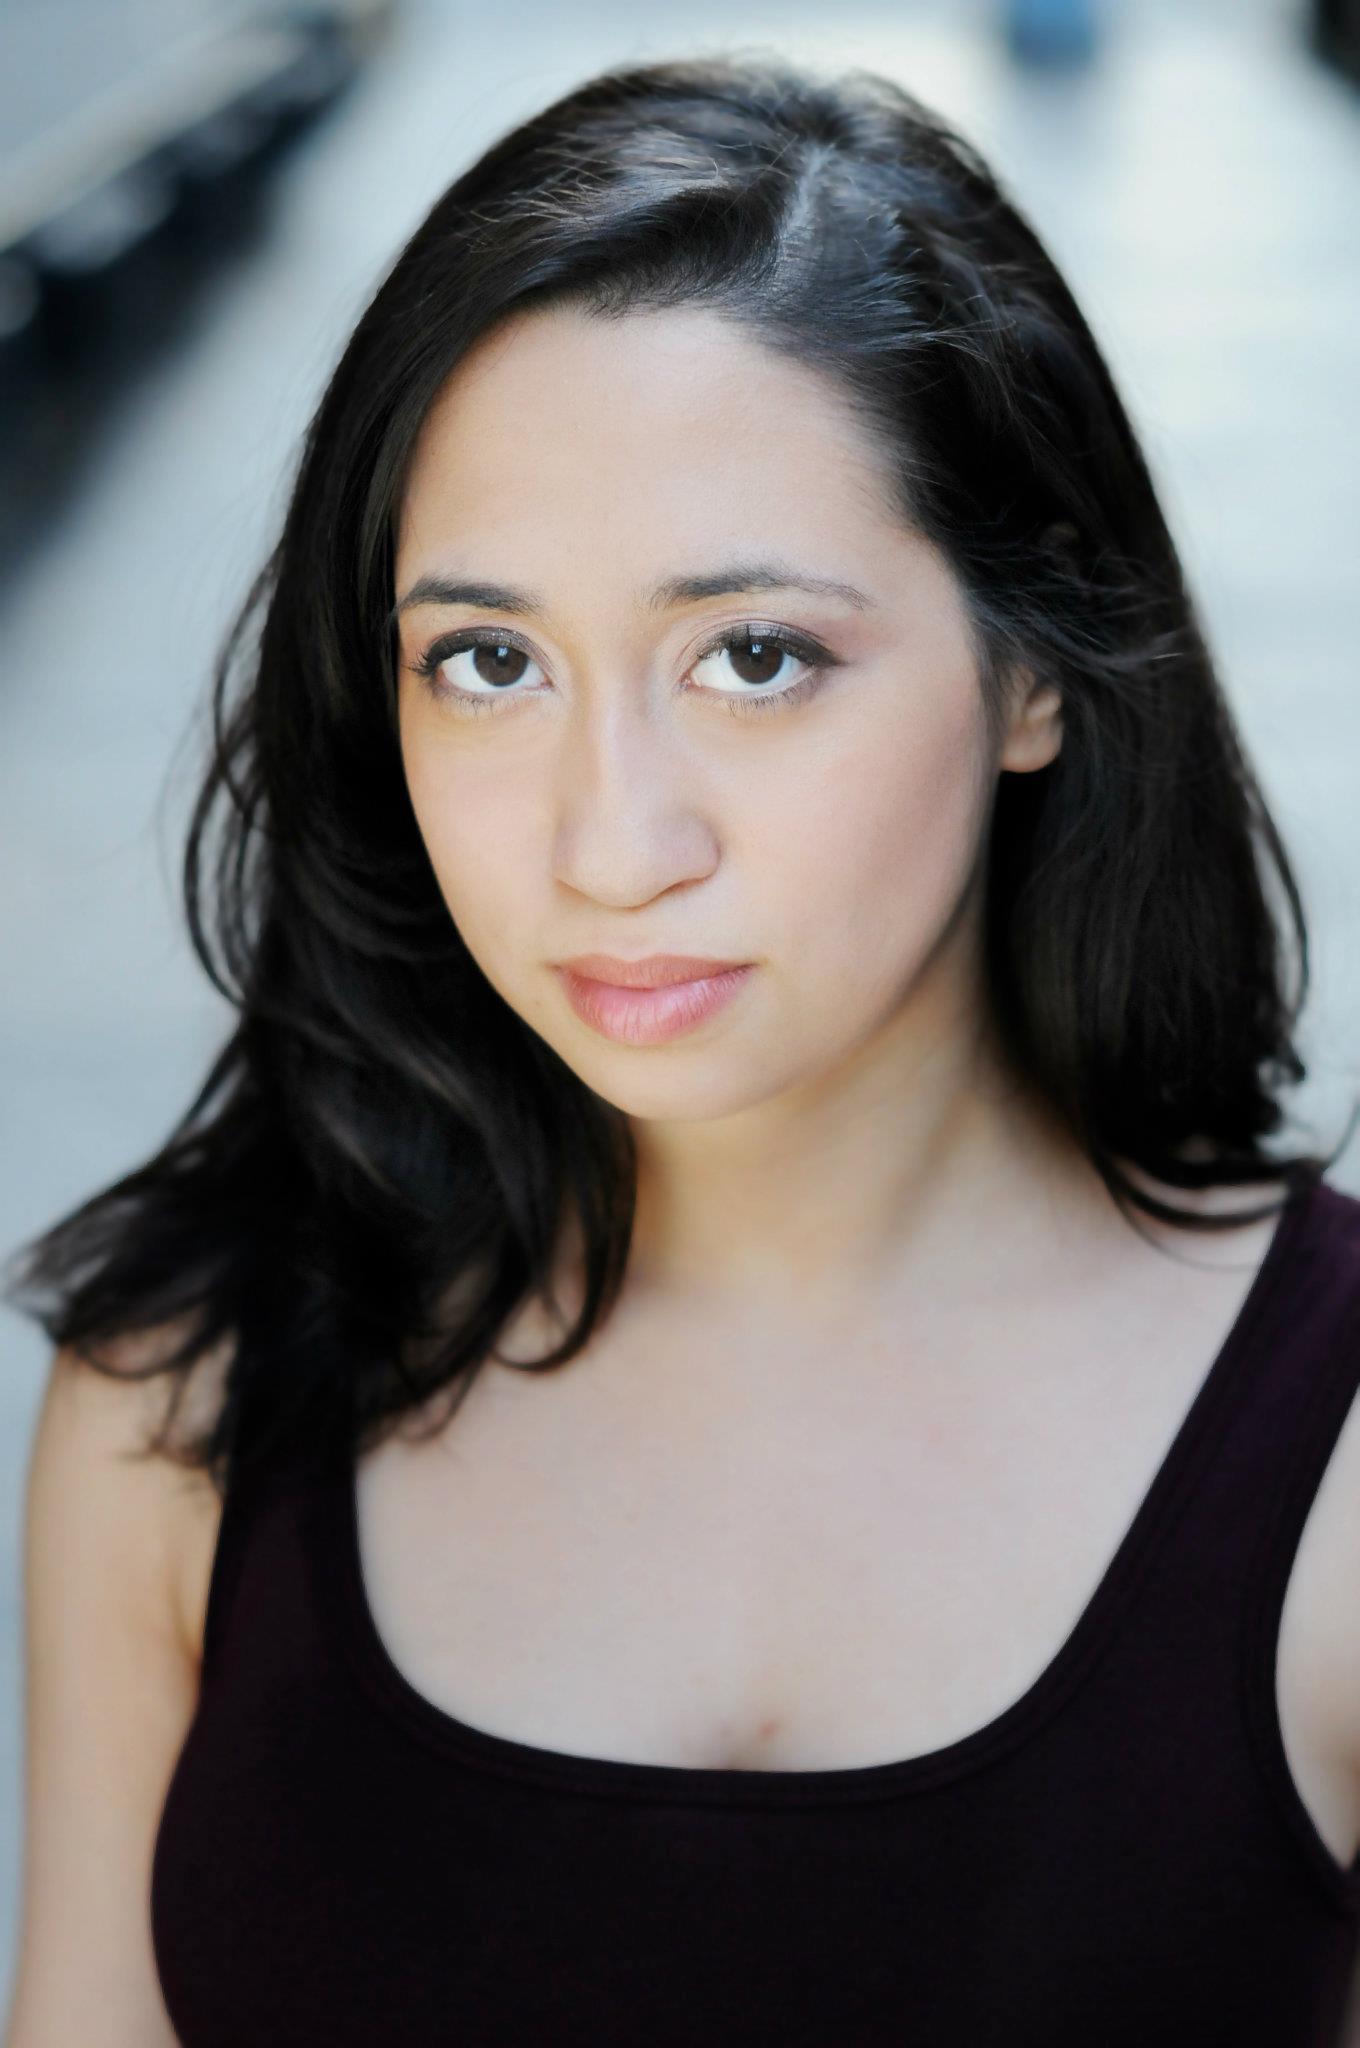 Actress B. Beberaggi NY©JennyRostain